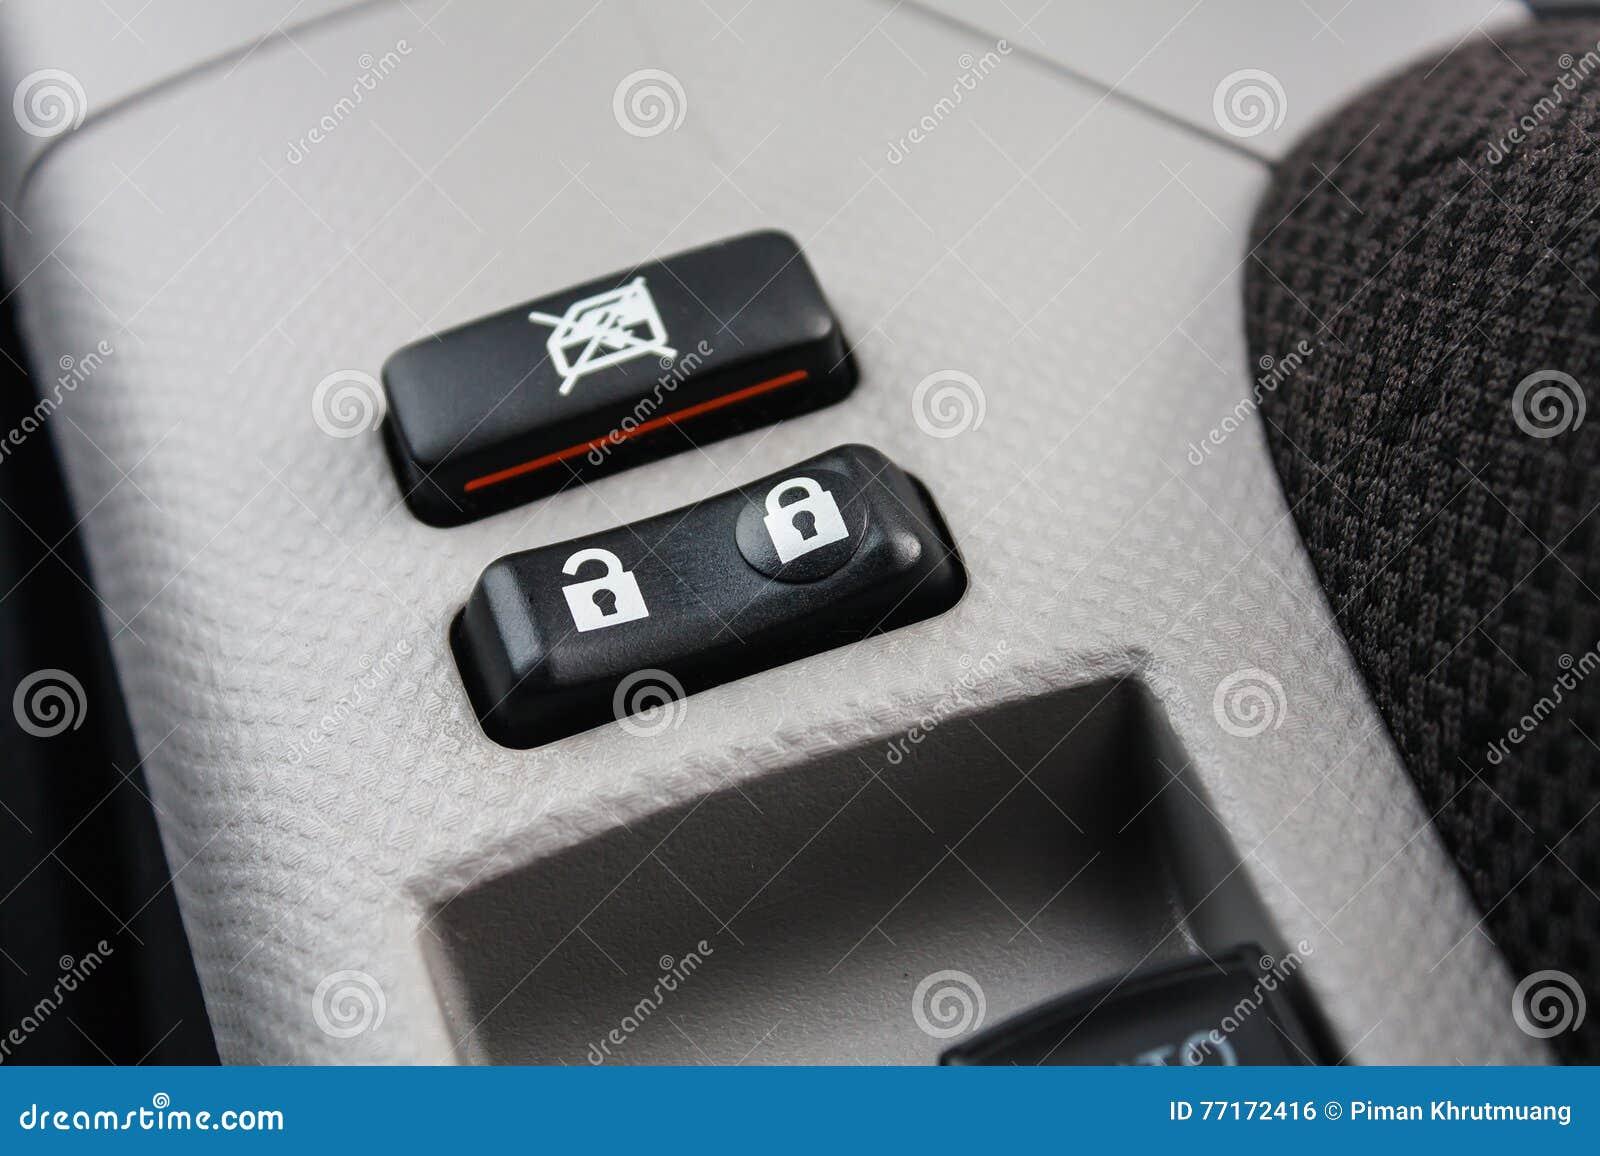 Auto turschloss for Turschloss ohne schlussel